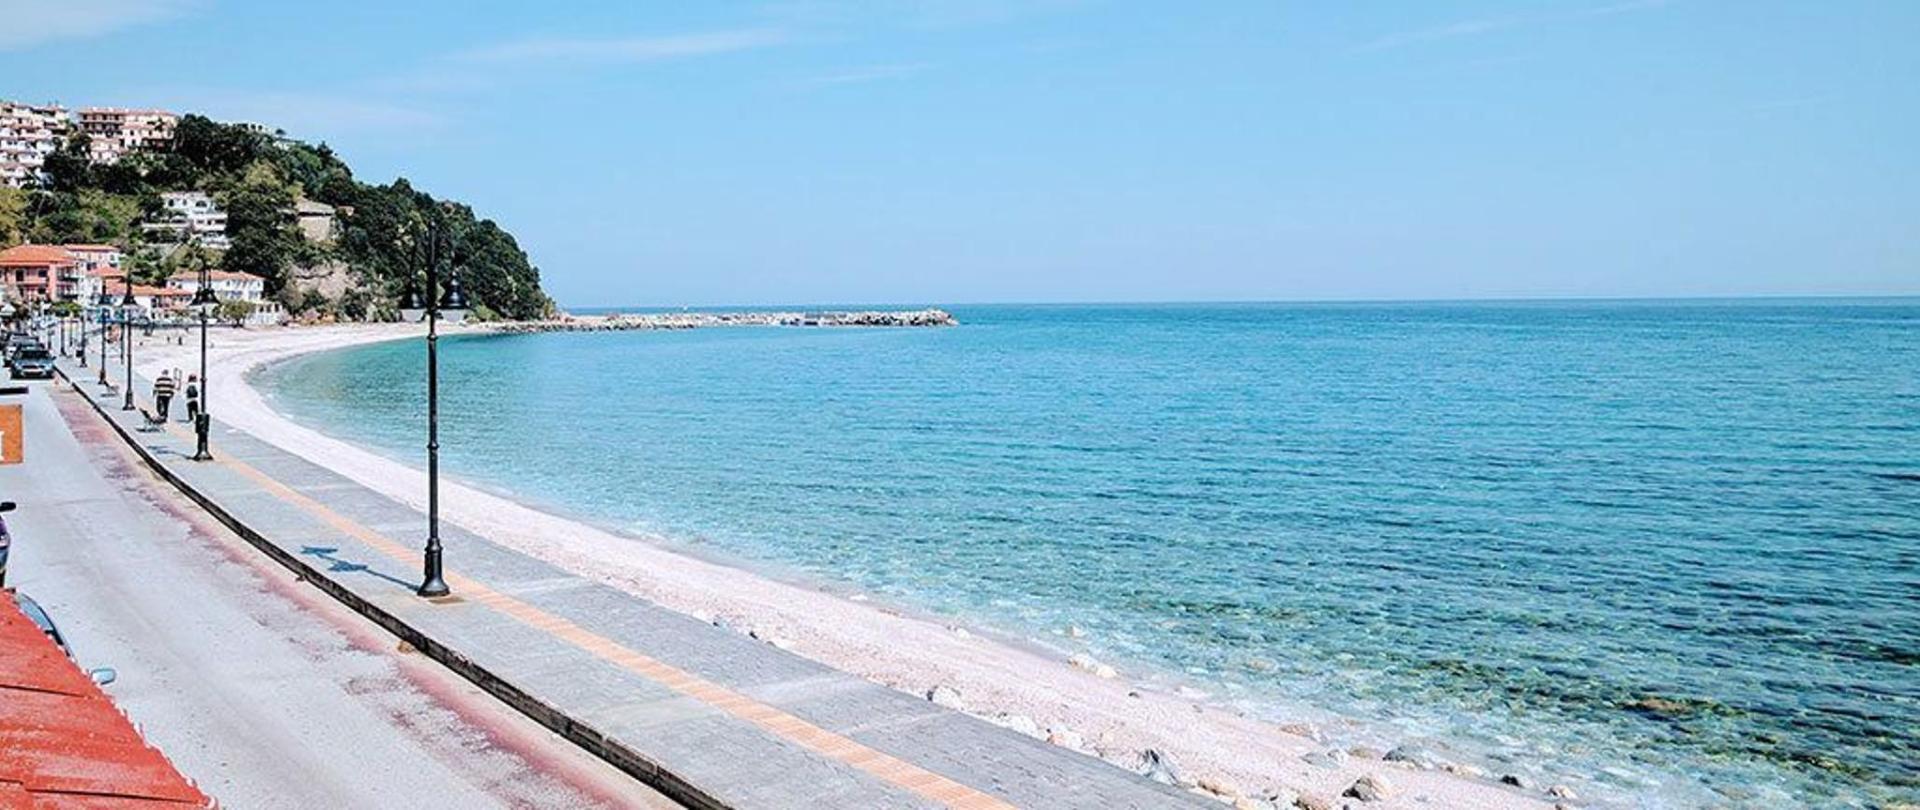 01-agios-ioannis-beach.jpg